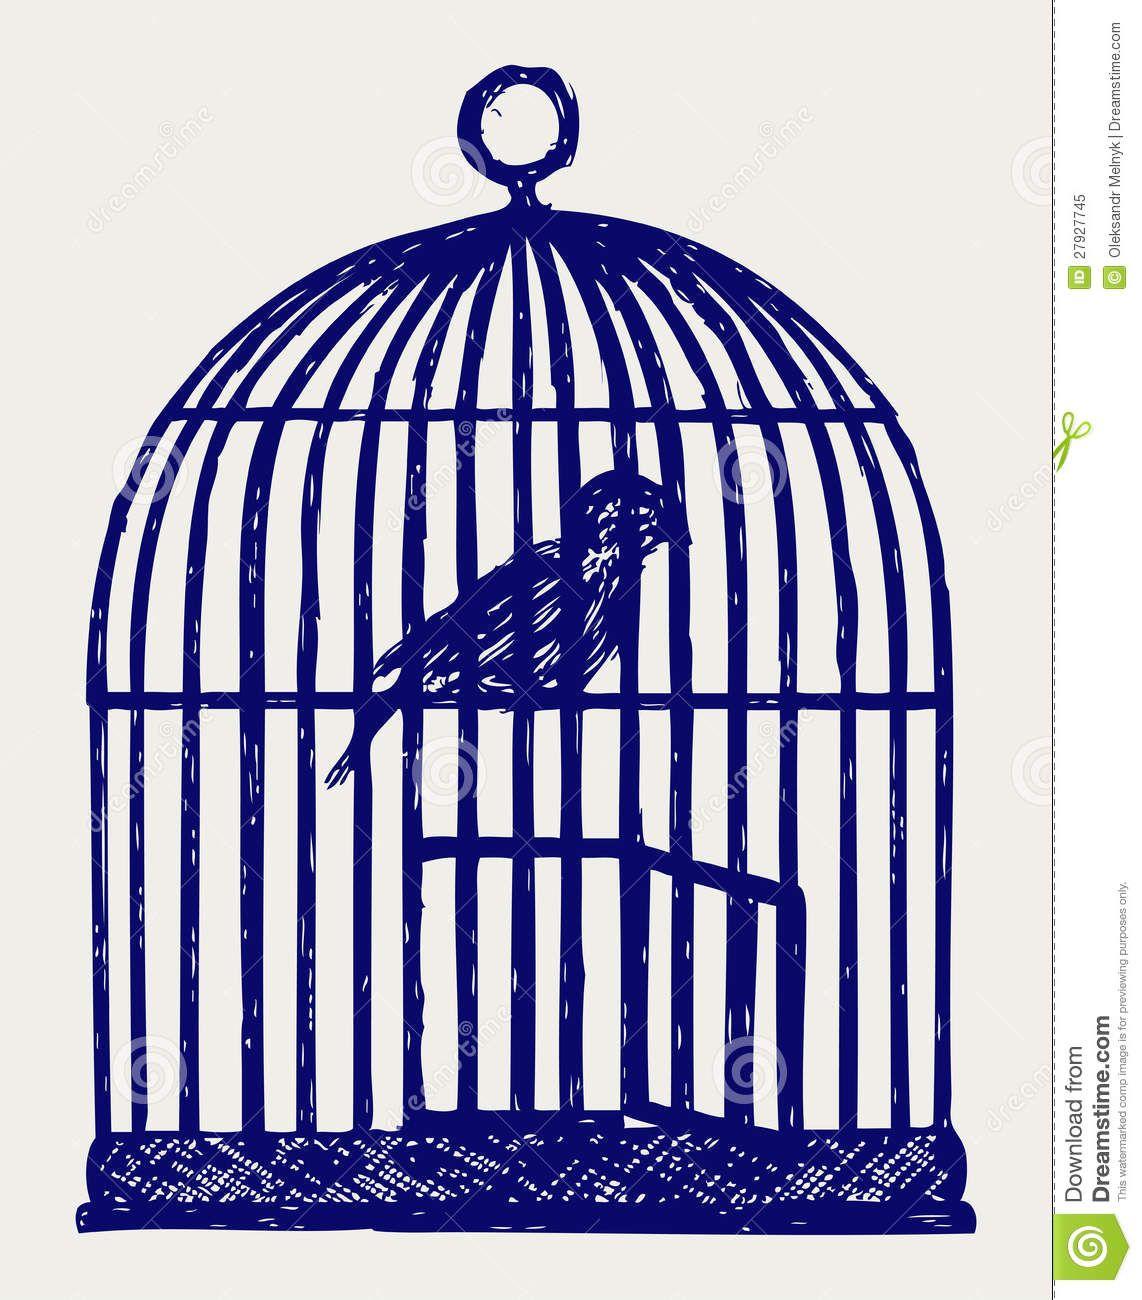 pics for u003e open bird cage clip art yellow birdcage pinterest rh pinterest com bird cage clip art free birdcage clipart free download